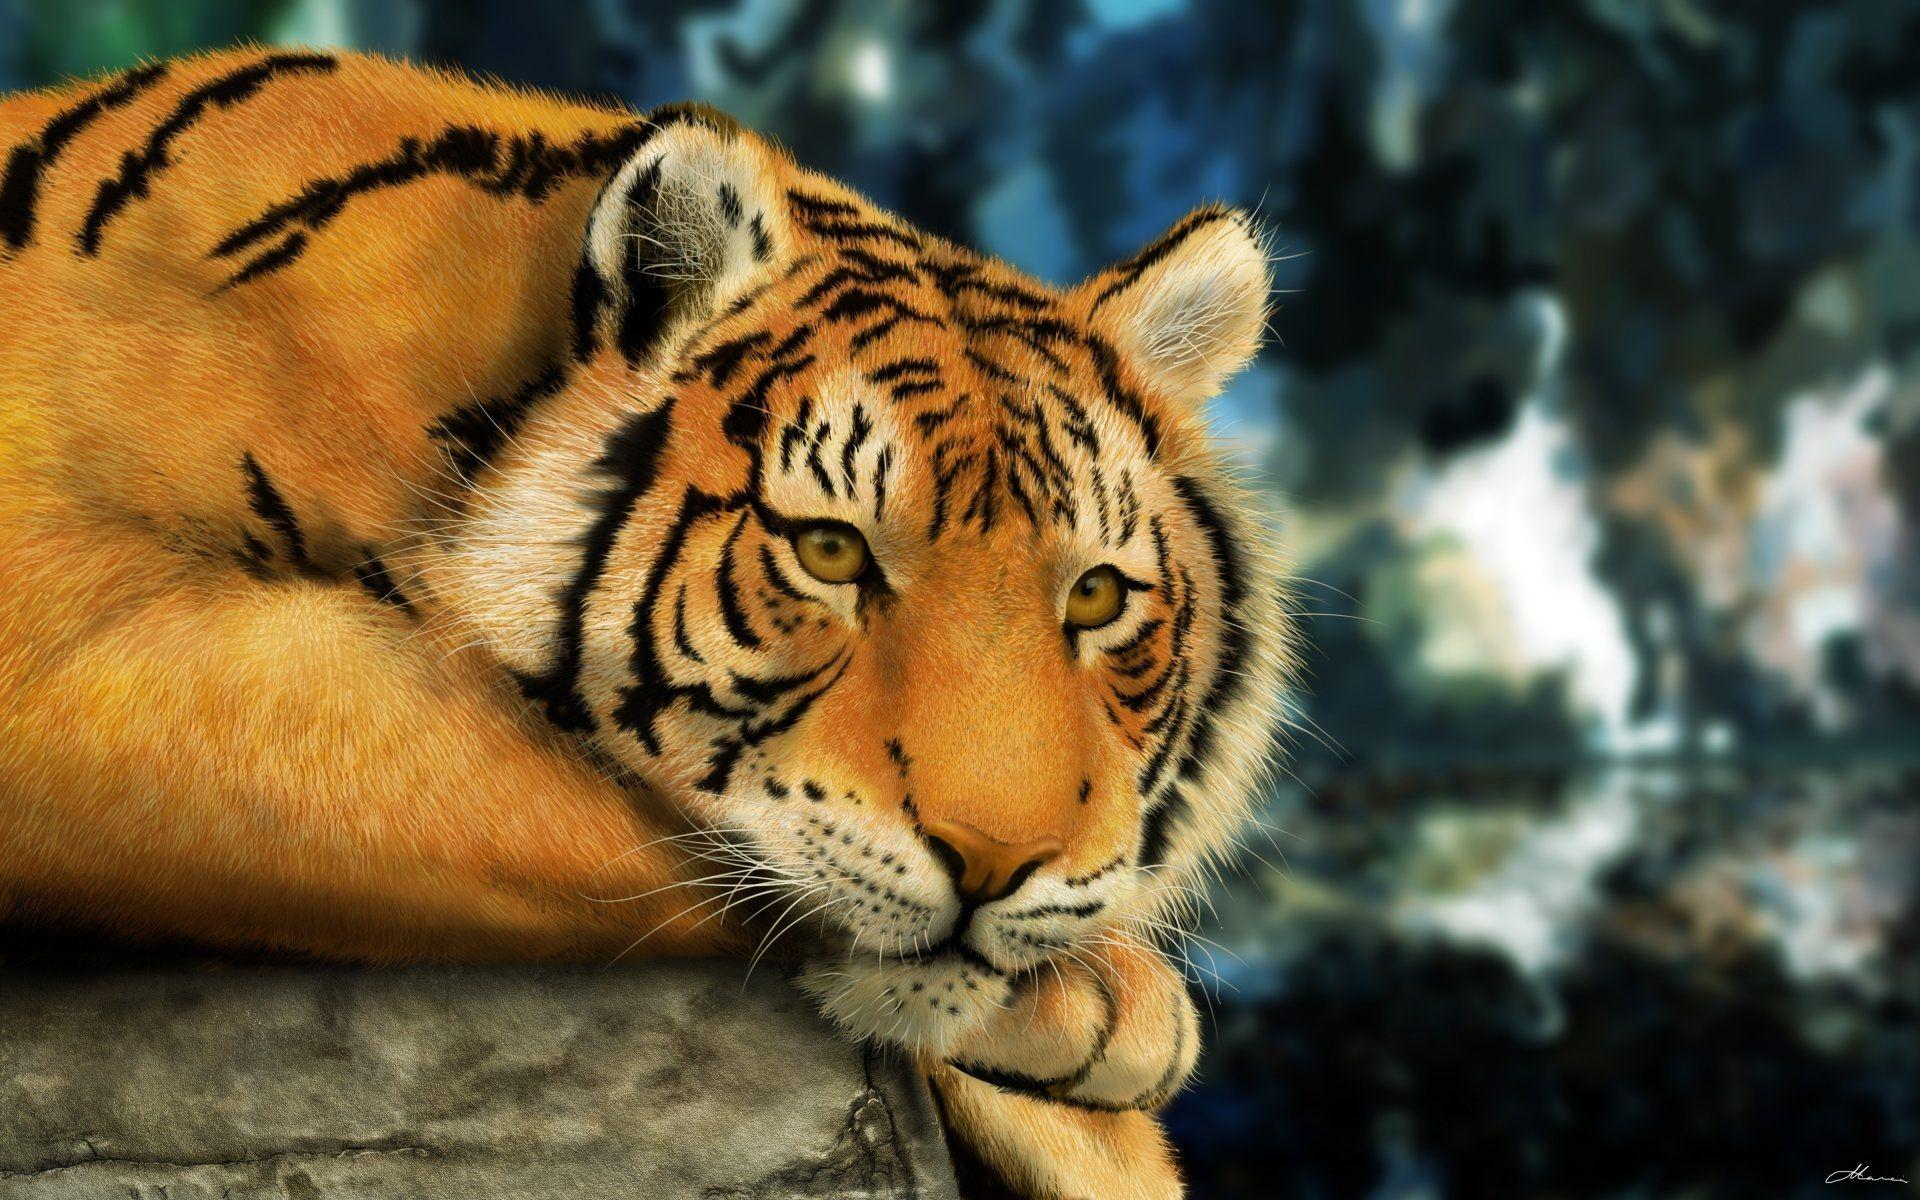 Tiger Art, Download Wallpaper